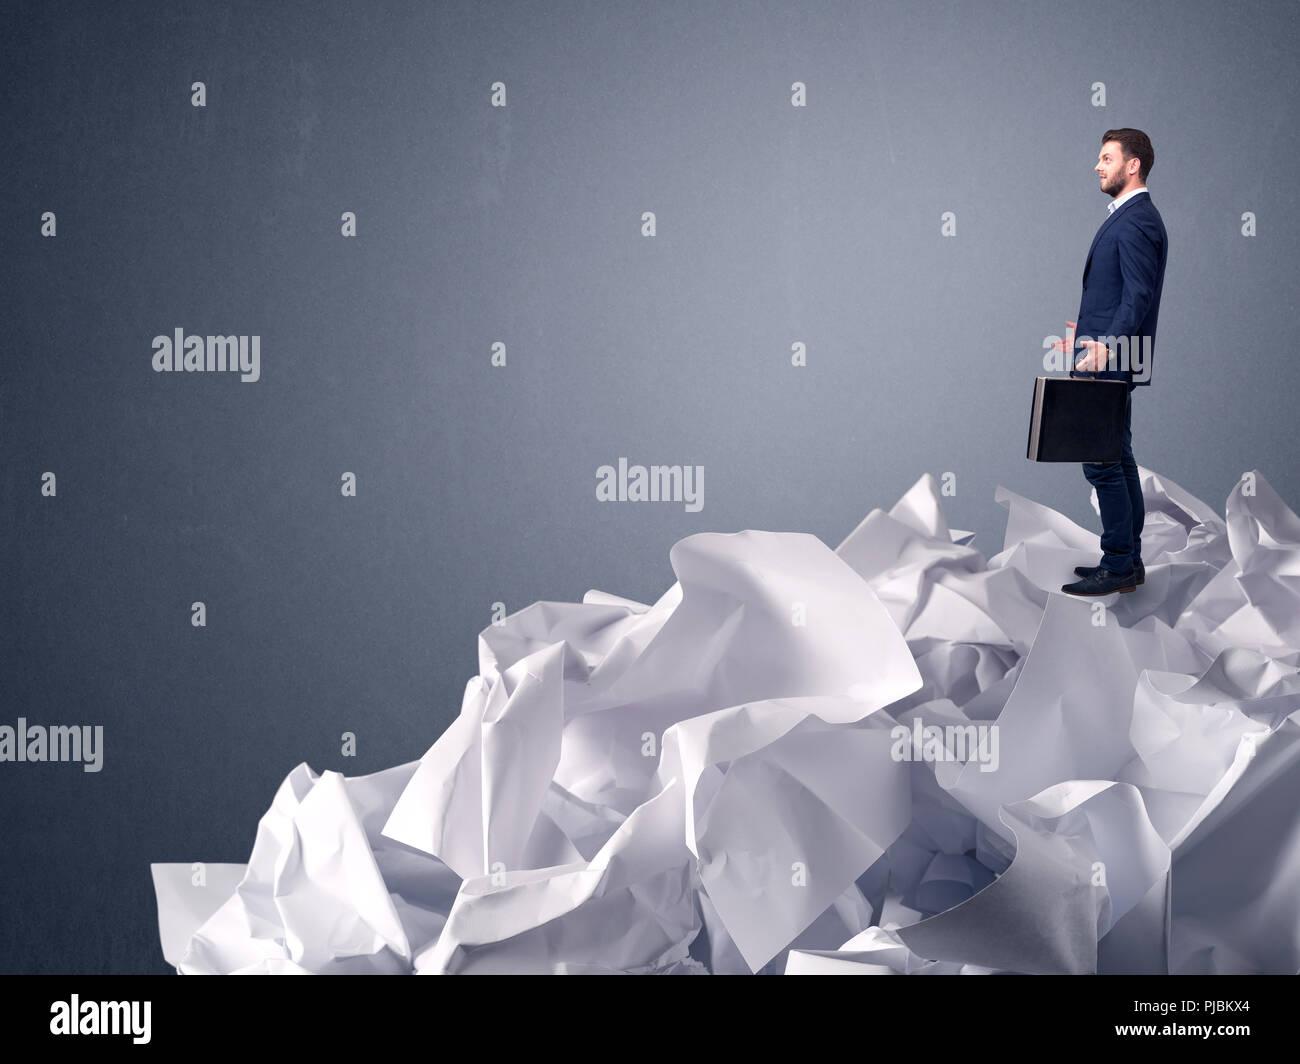 Pensativo joven empresario de pie sobre un montón de papel arrugado con un fondo gris claro Imagen De Stock